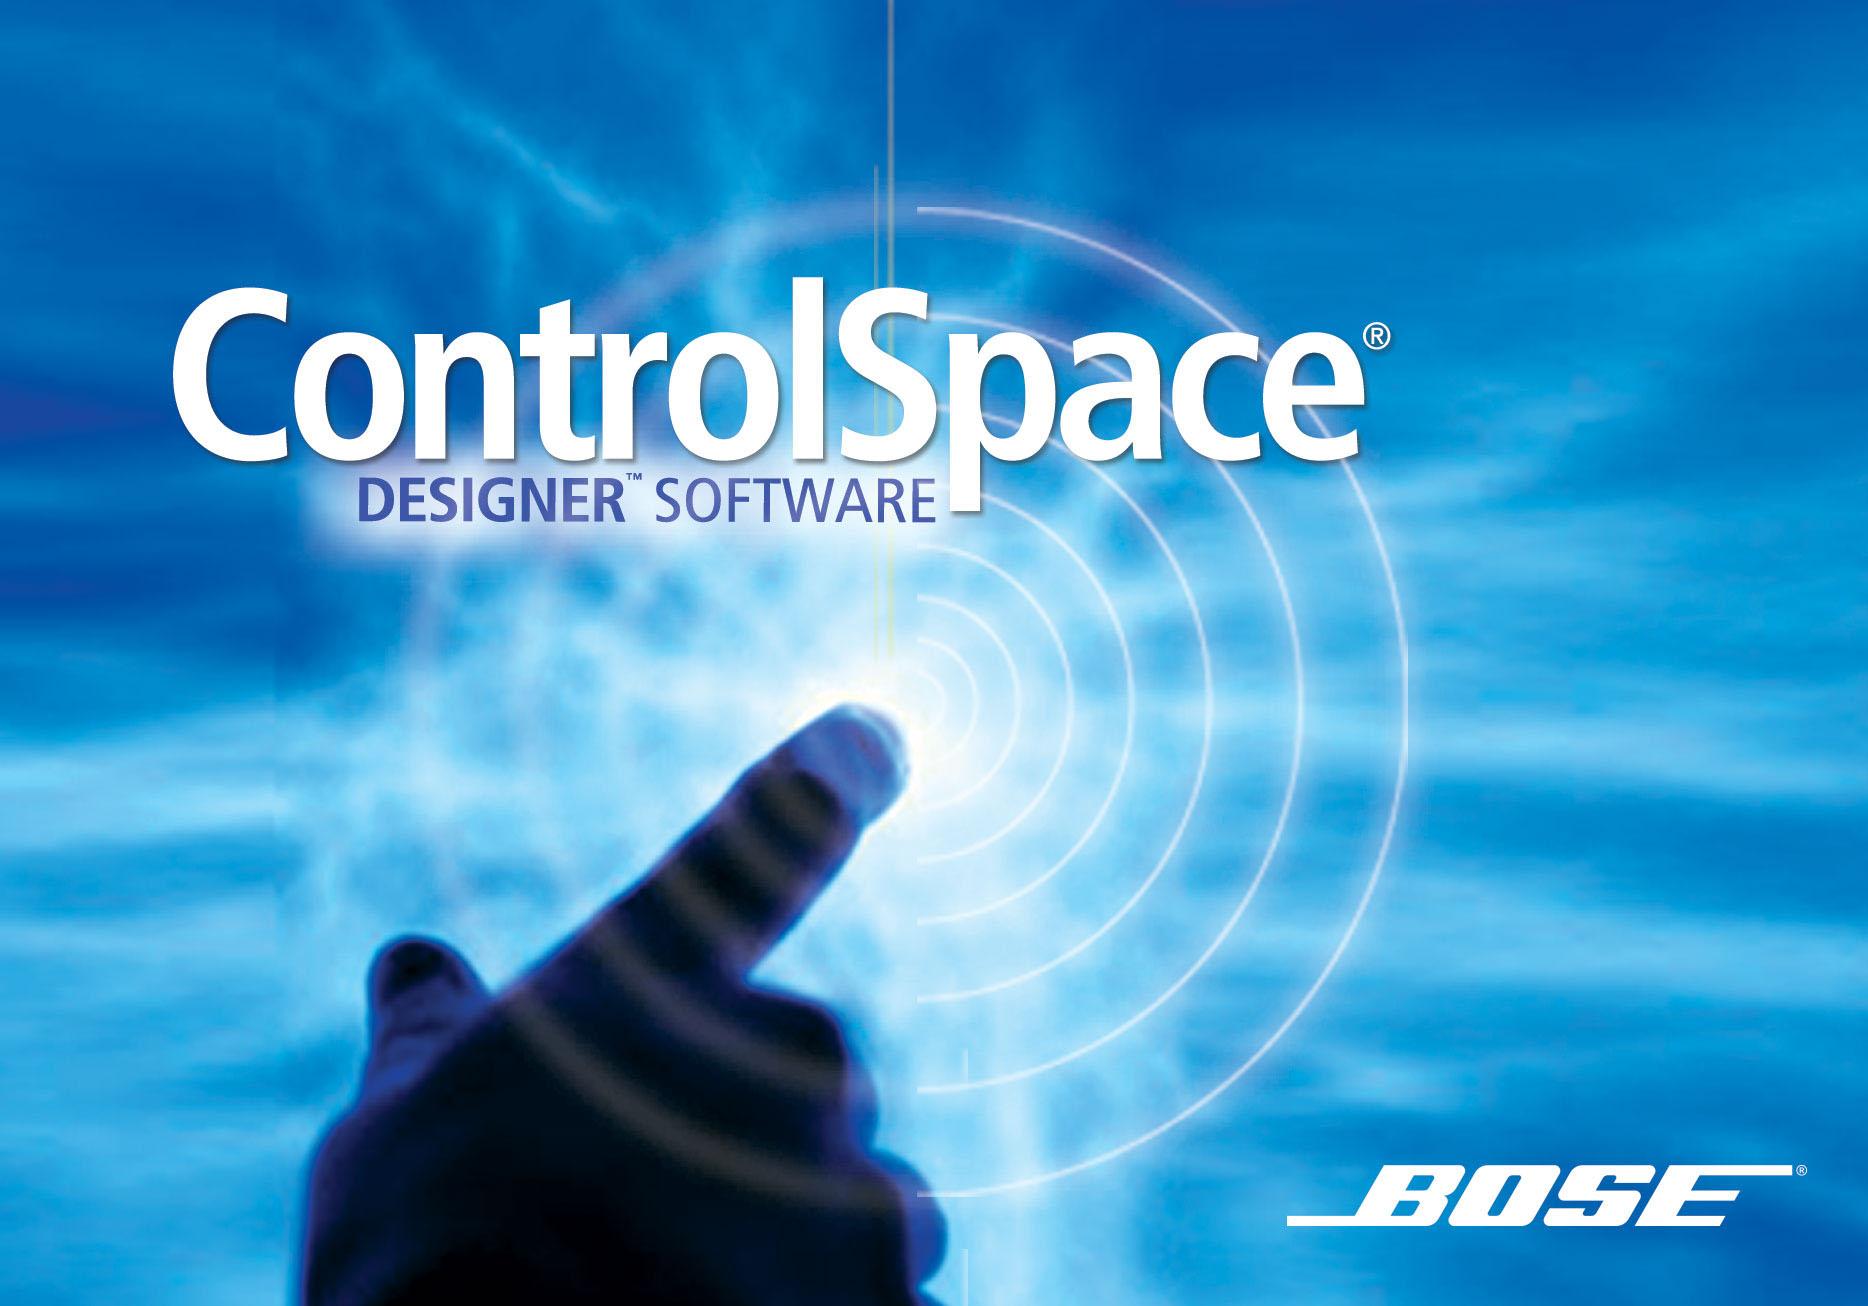 http://clynemedia.com/bose/Dante_CSD4_1Update/ControlSpace.jpg